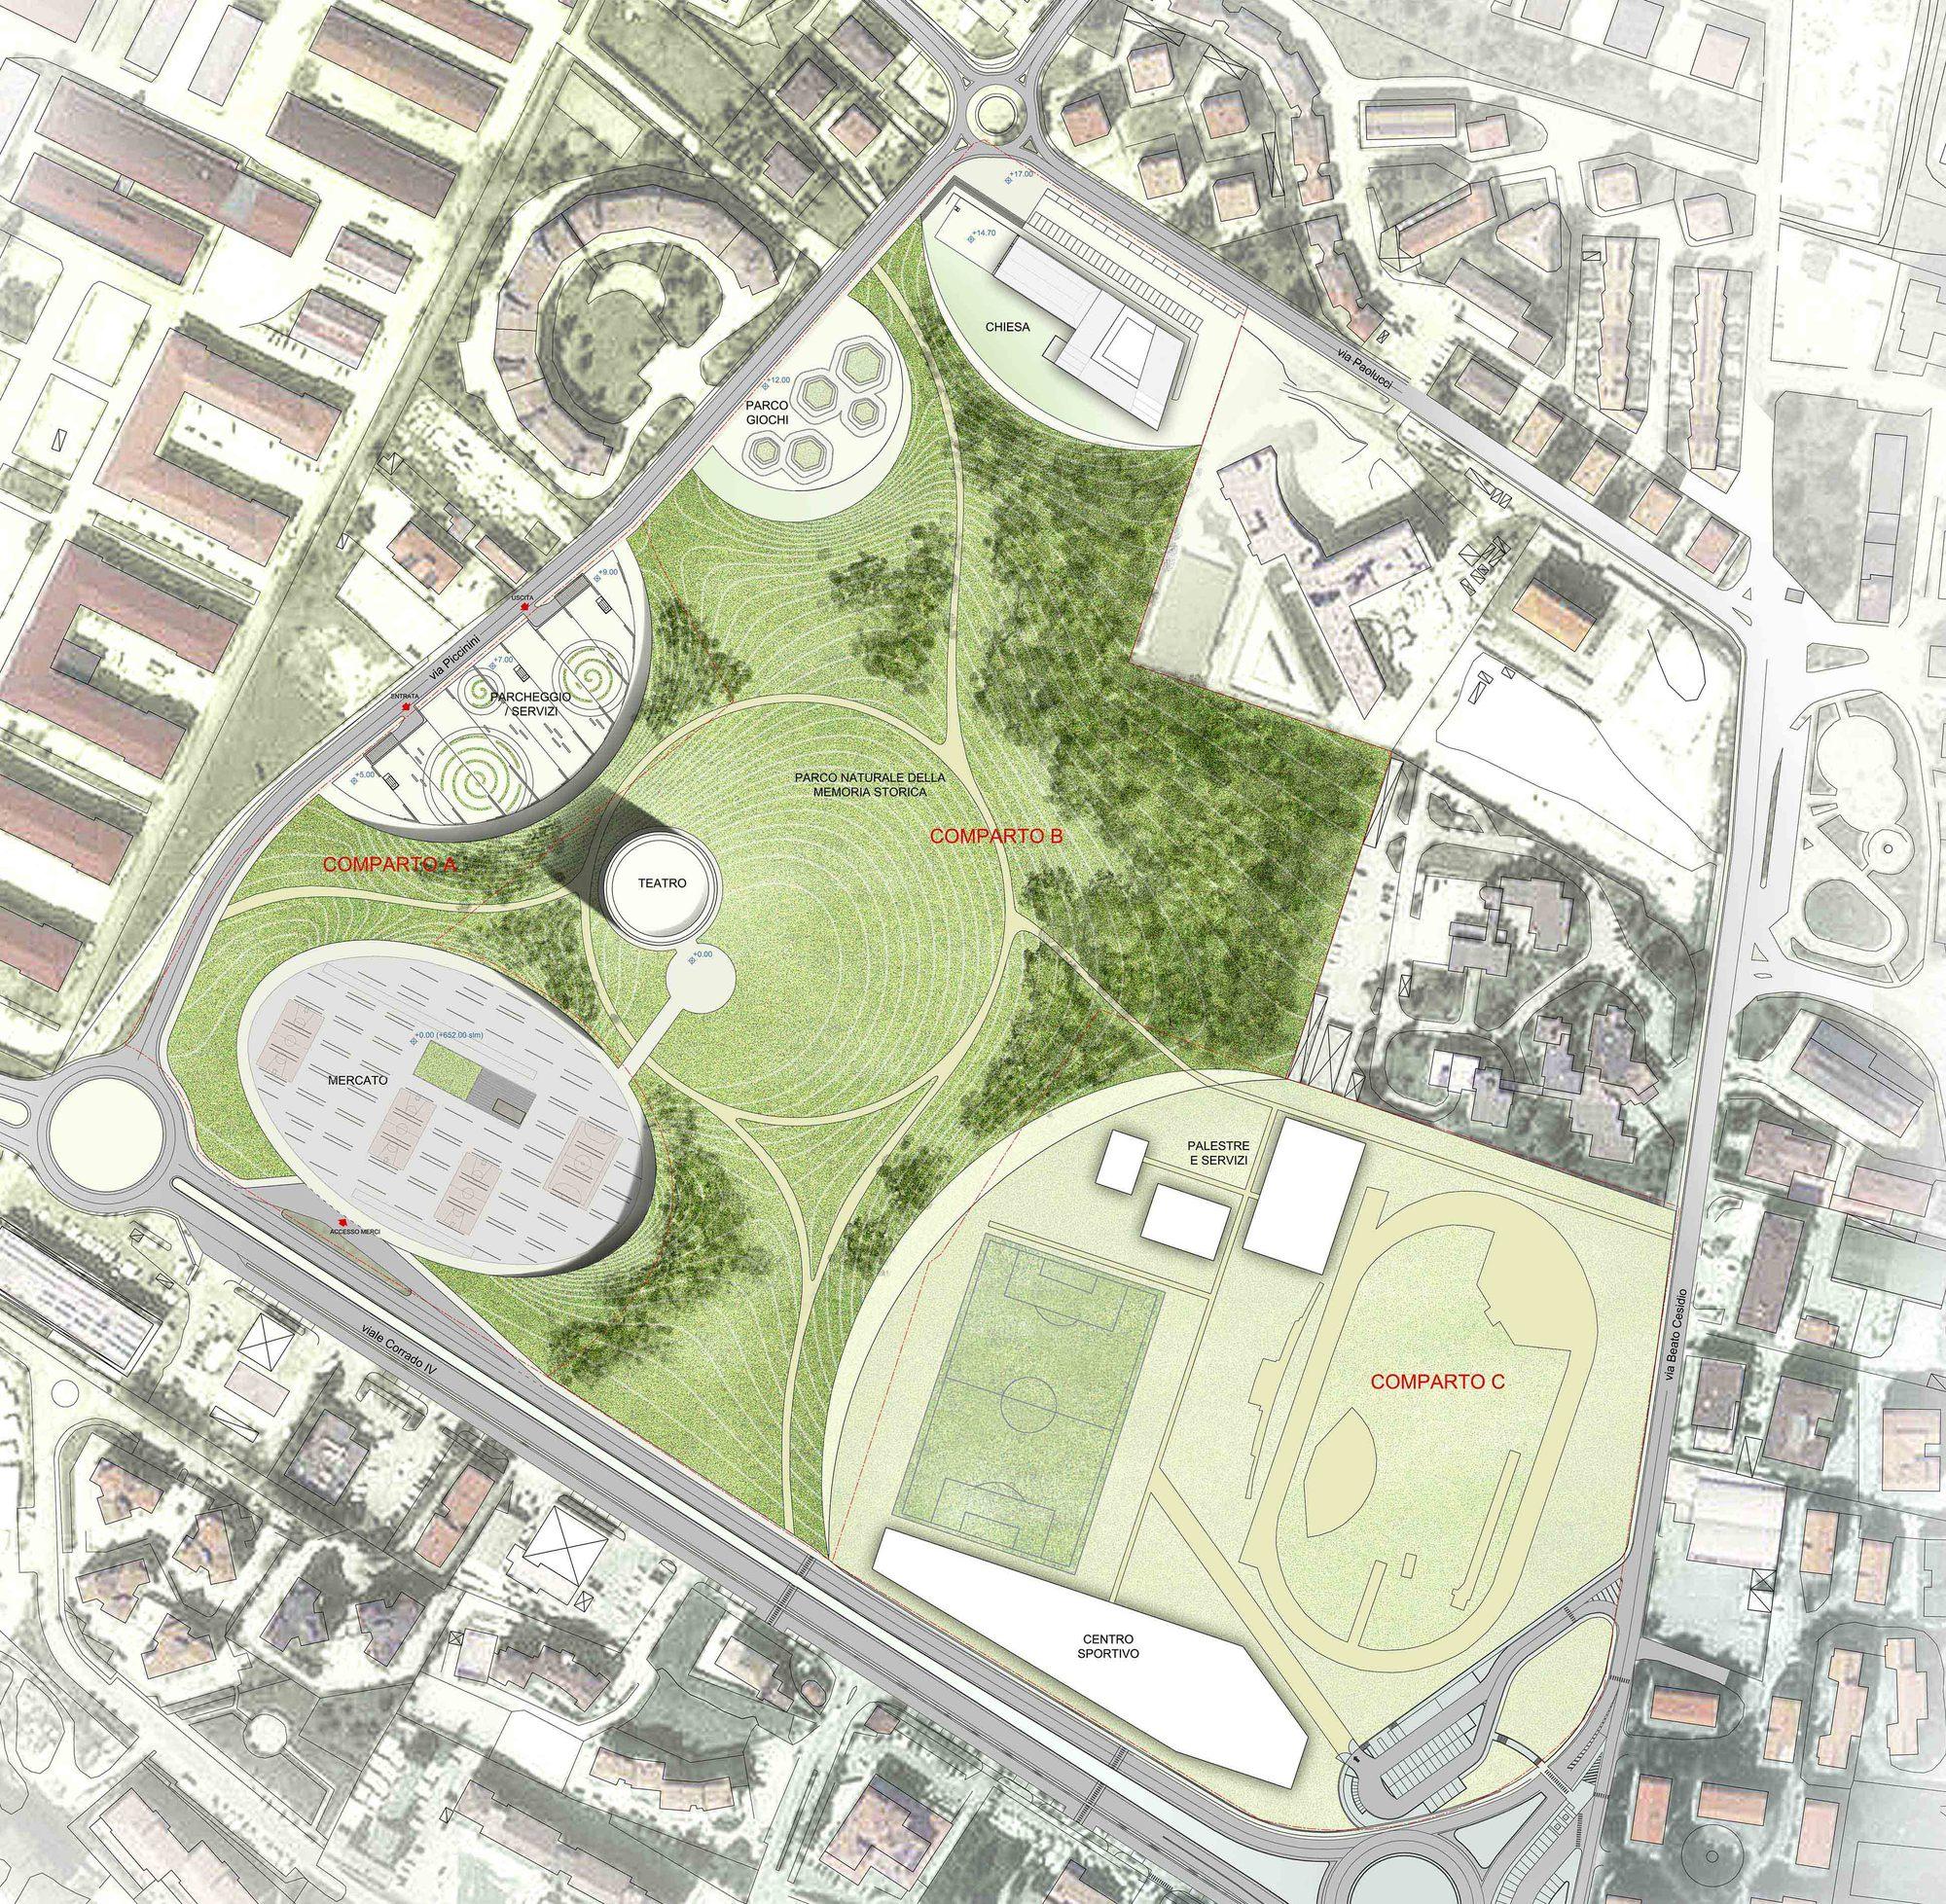 Urban Site Plan Drawing